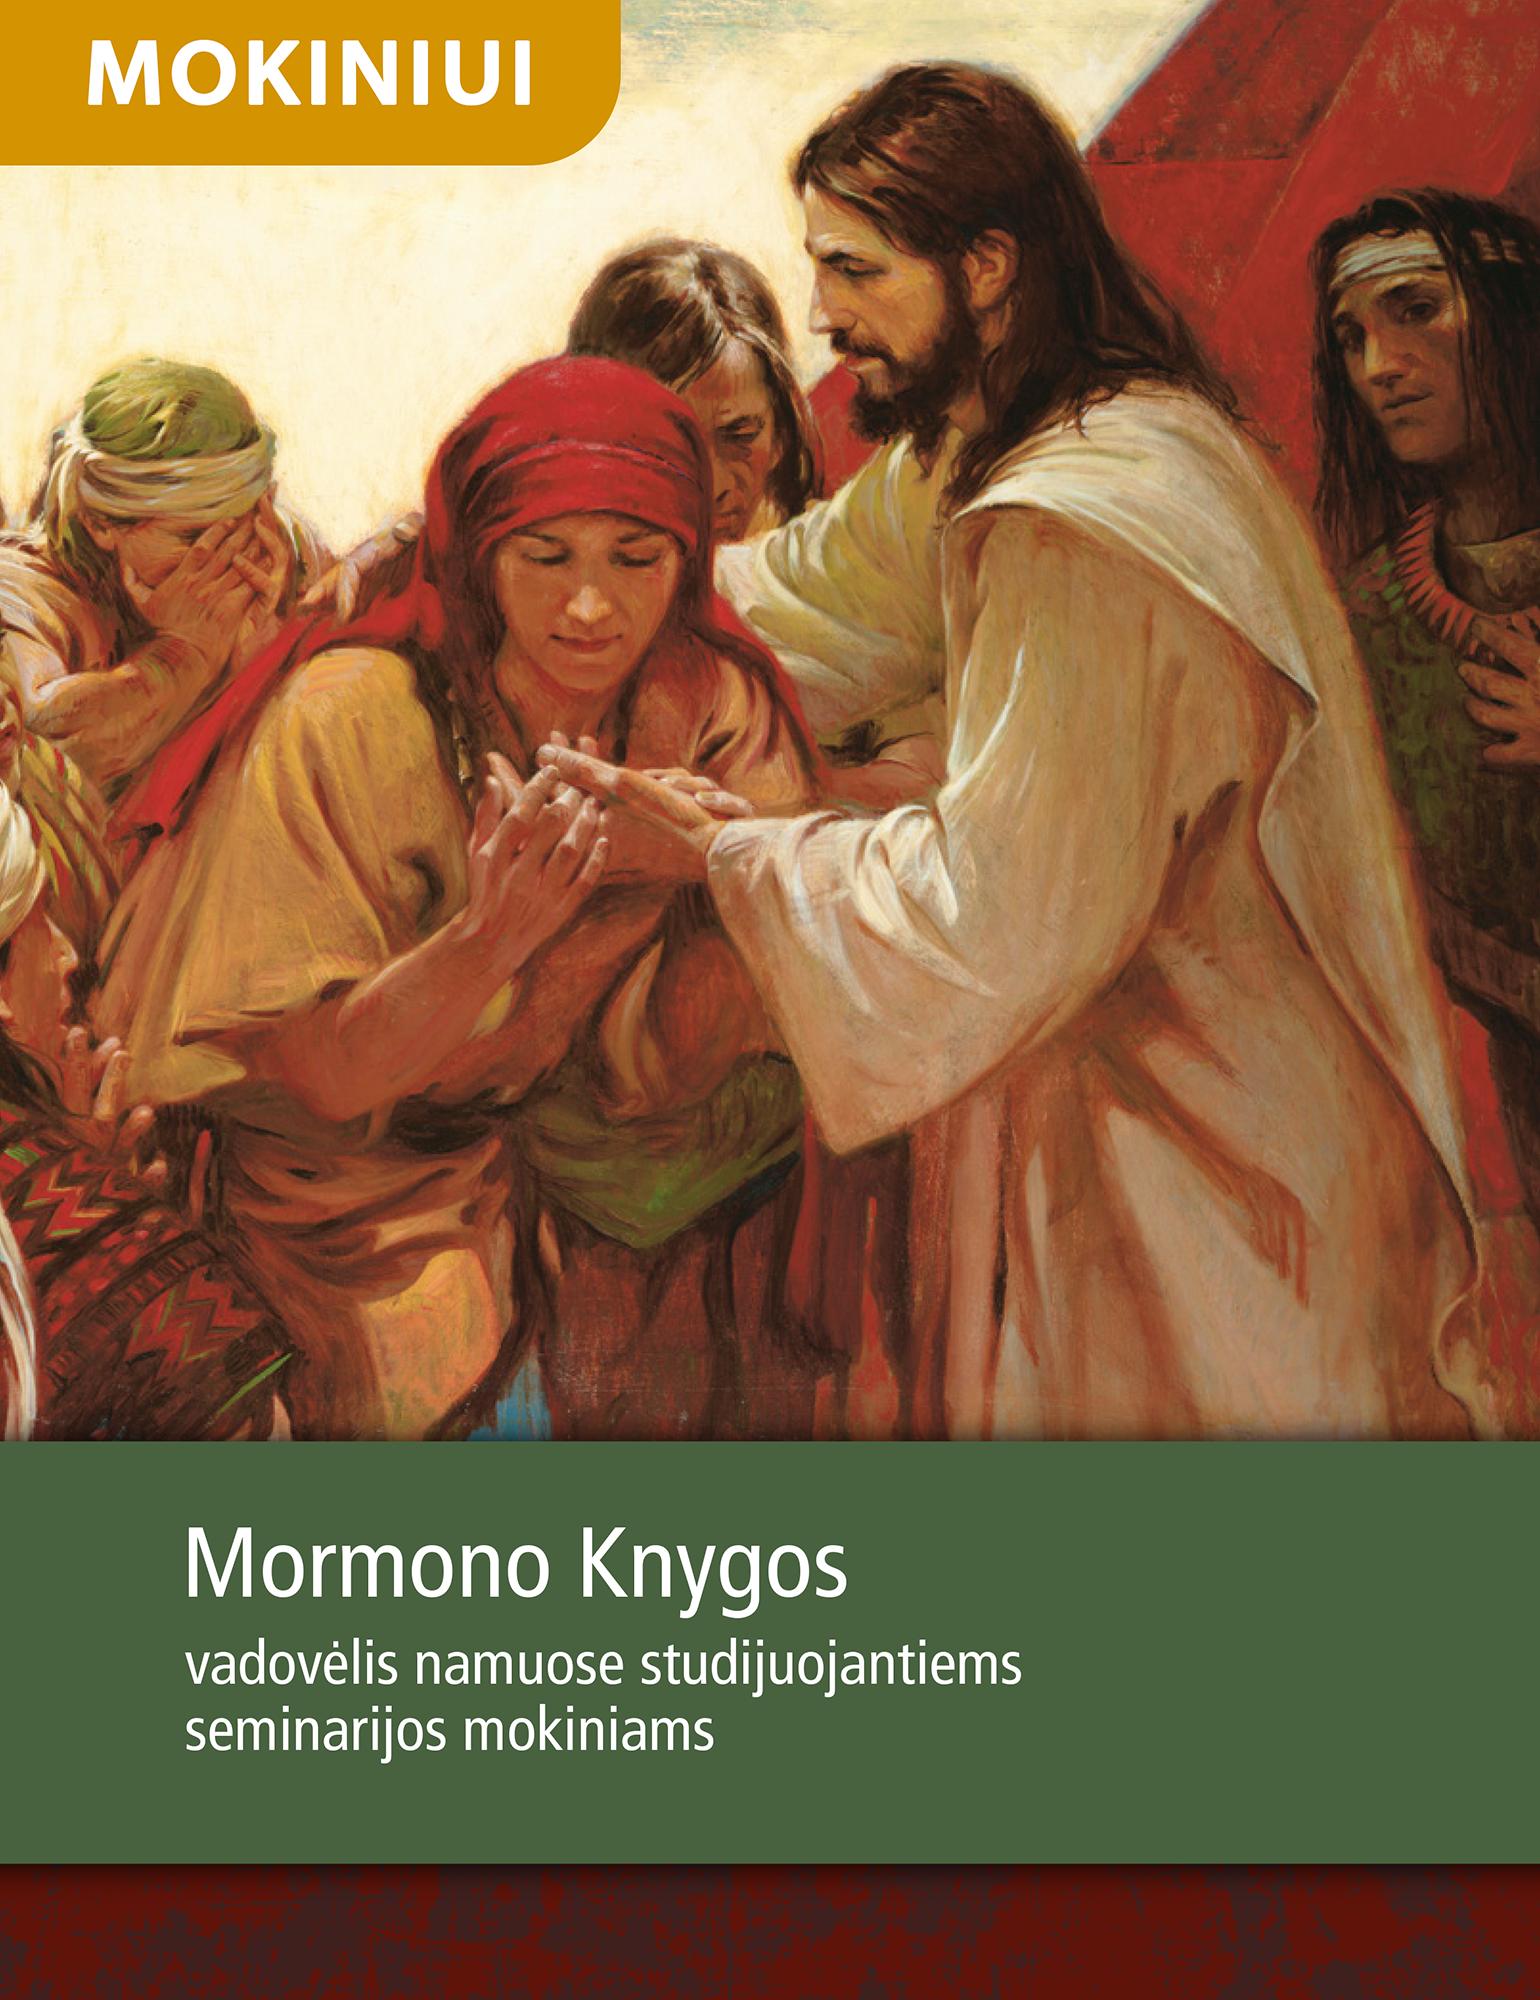 Mormono Knyga. Studijų vadovėlis namuose studijuojantiems seminarijos mokiniams